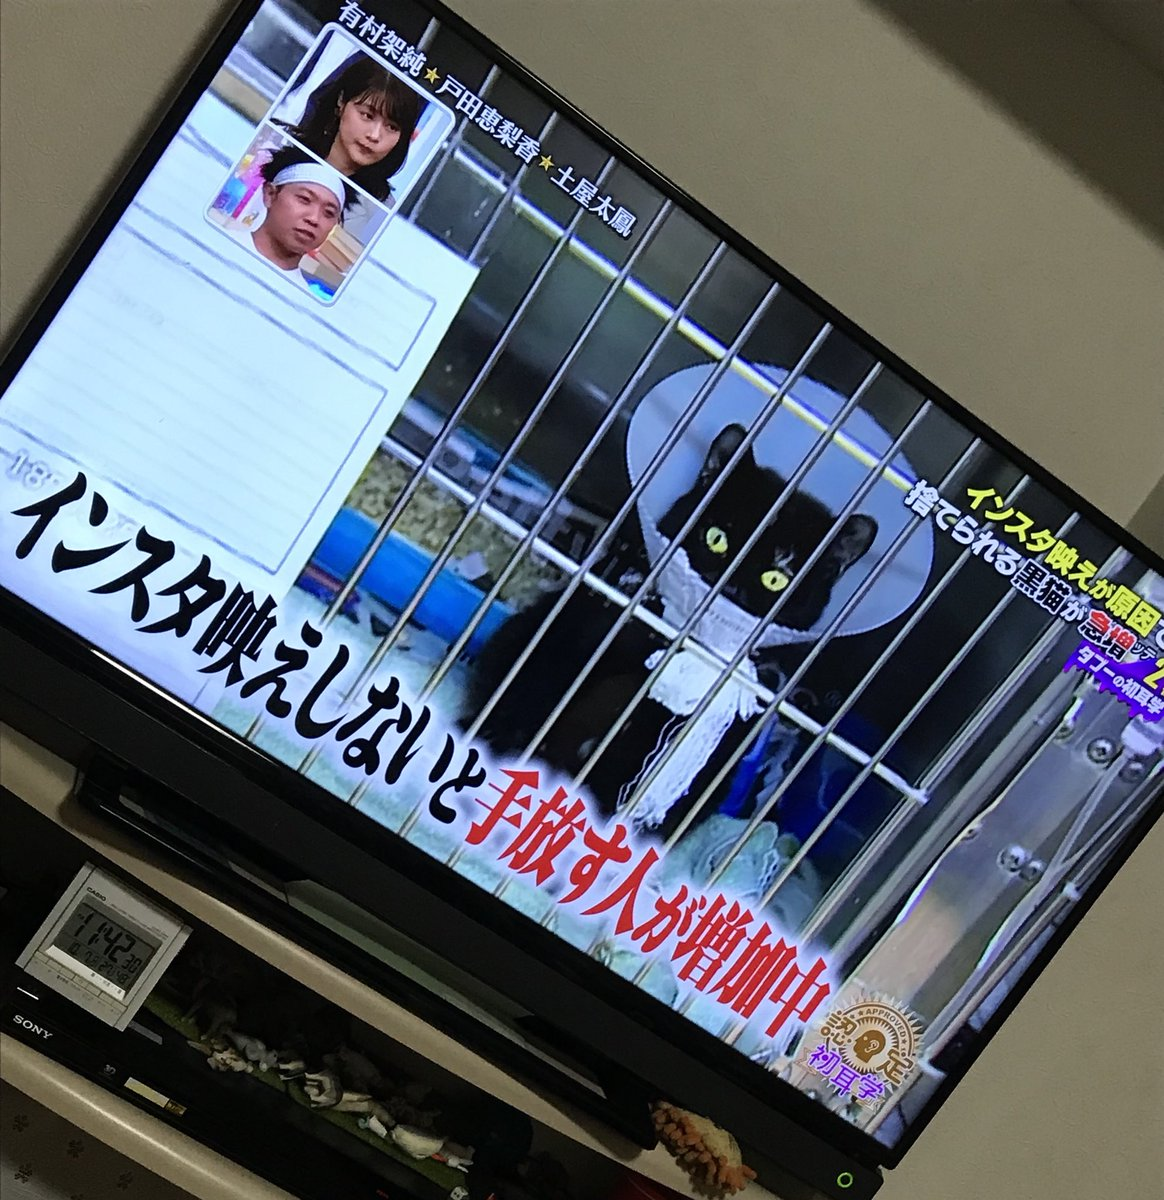 【黒猫画像】黒猫がインスタ映えしないと手放される案件。実はイギリスのことでした。【10月27日】